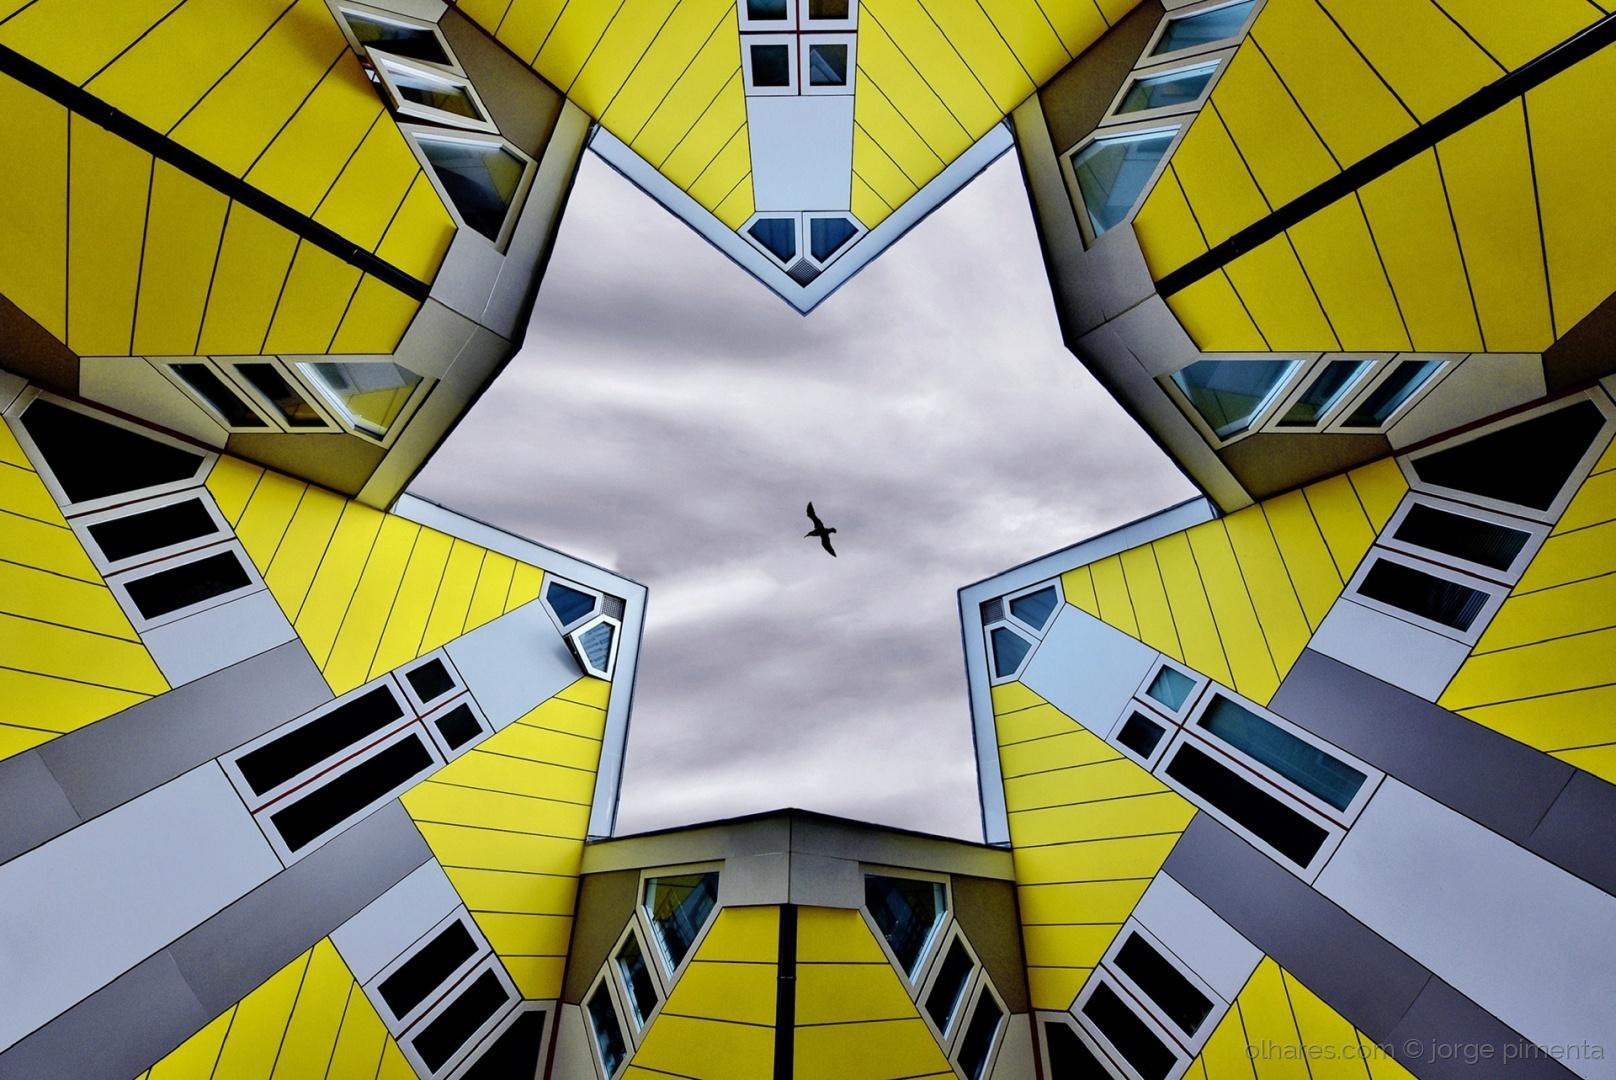 Arquitetura/The yellow brick road